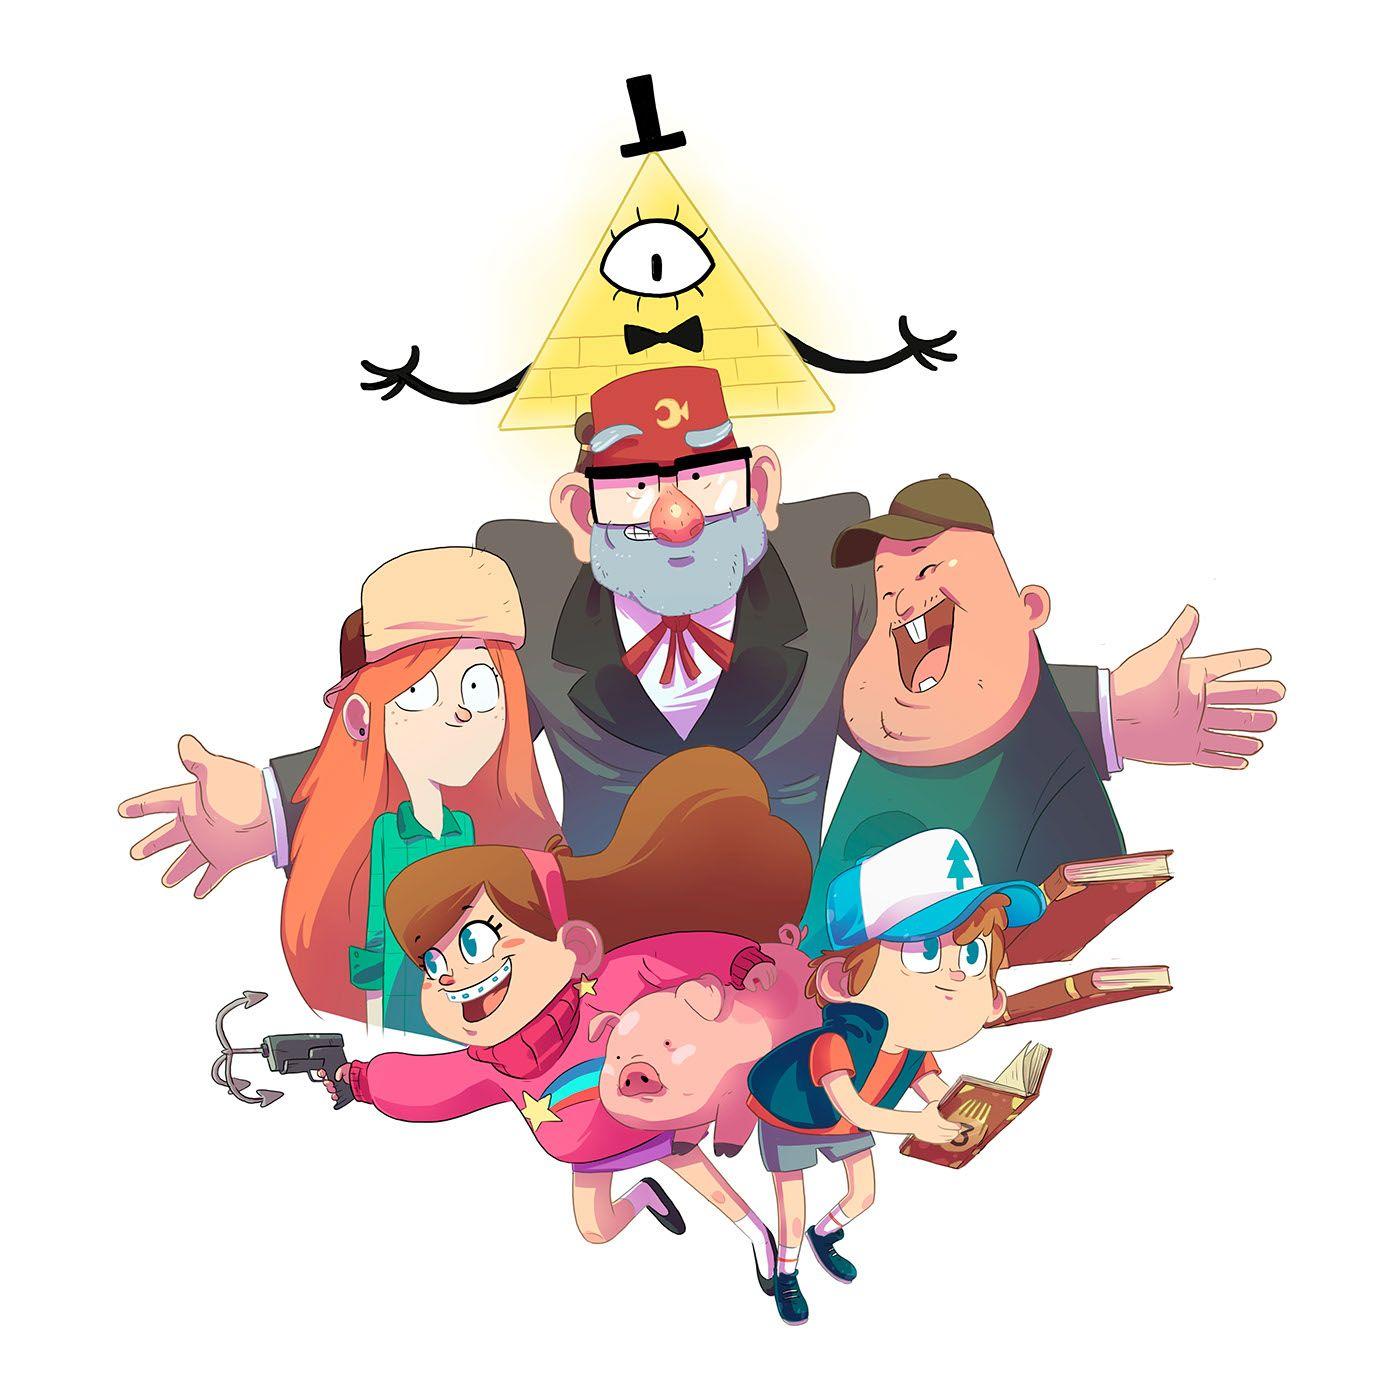 Картинки гравити фолз всех персонажей цветные